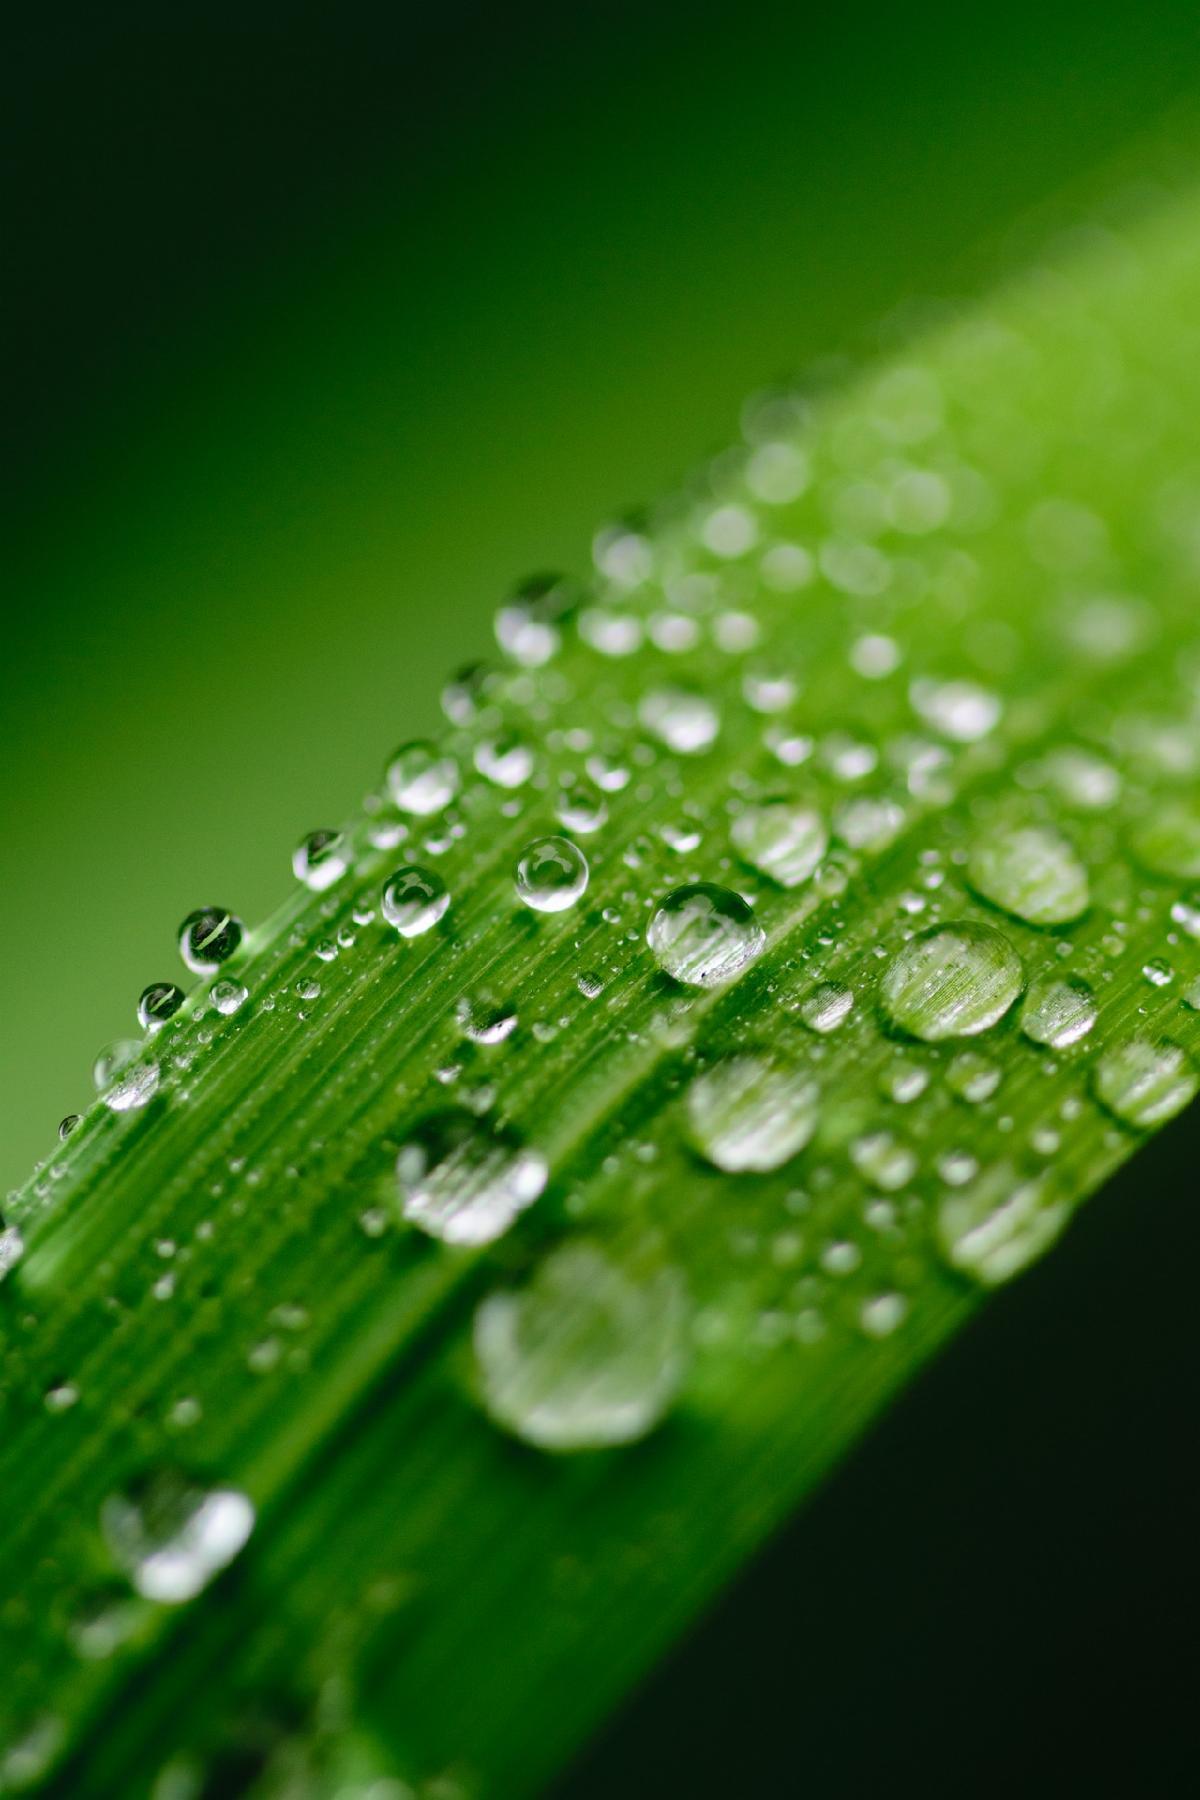 green-2432374_1920.jpg